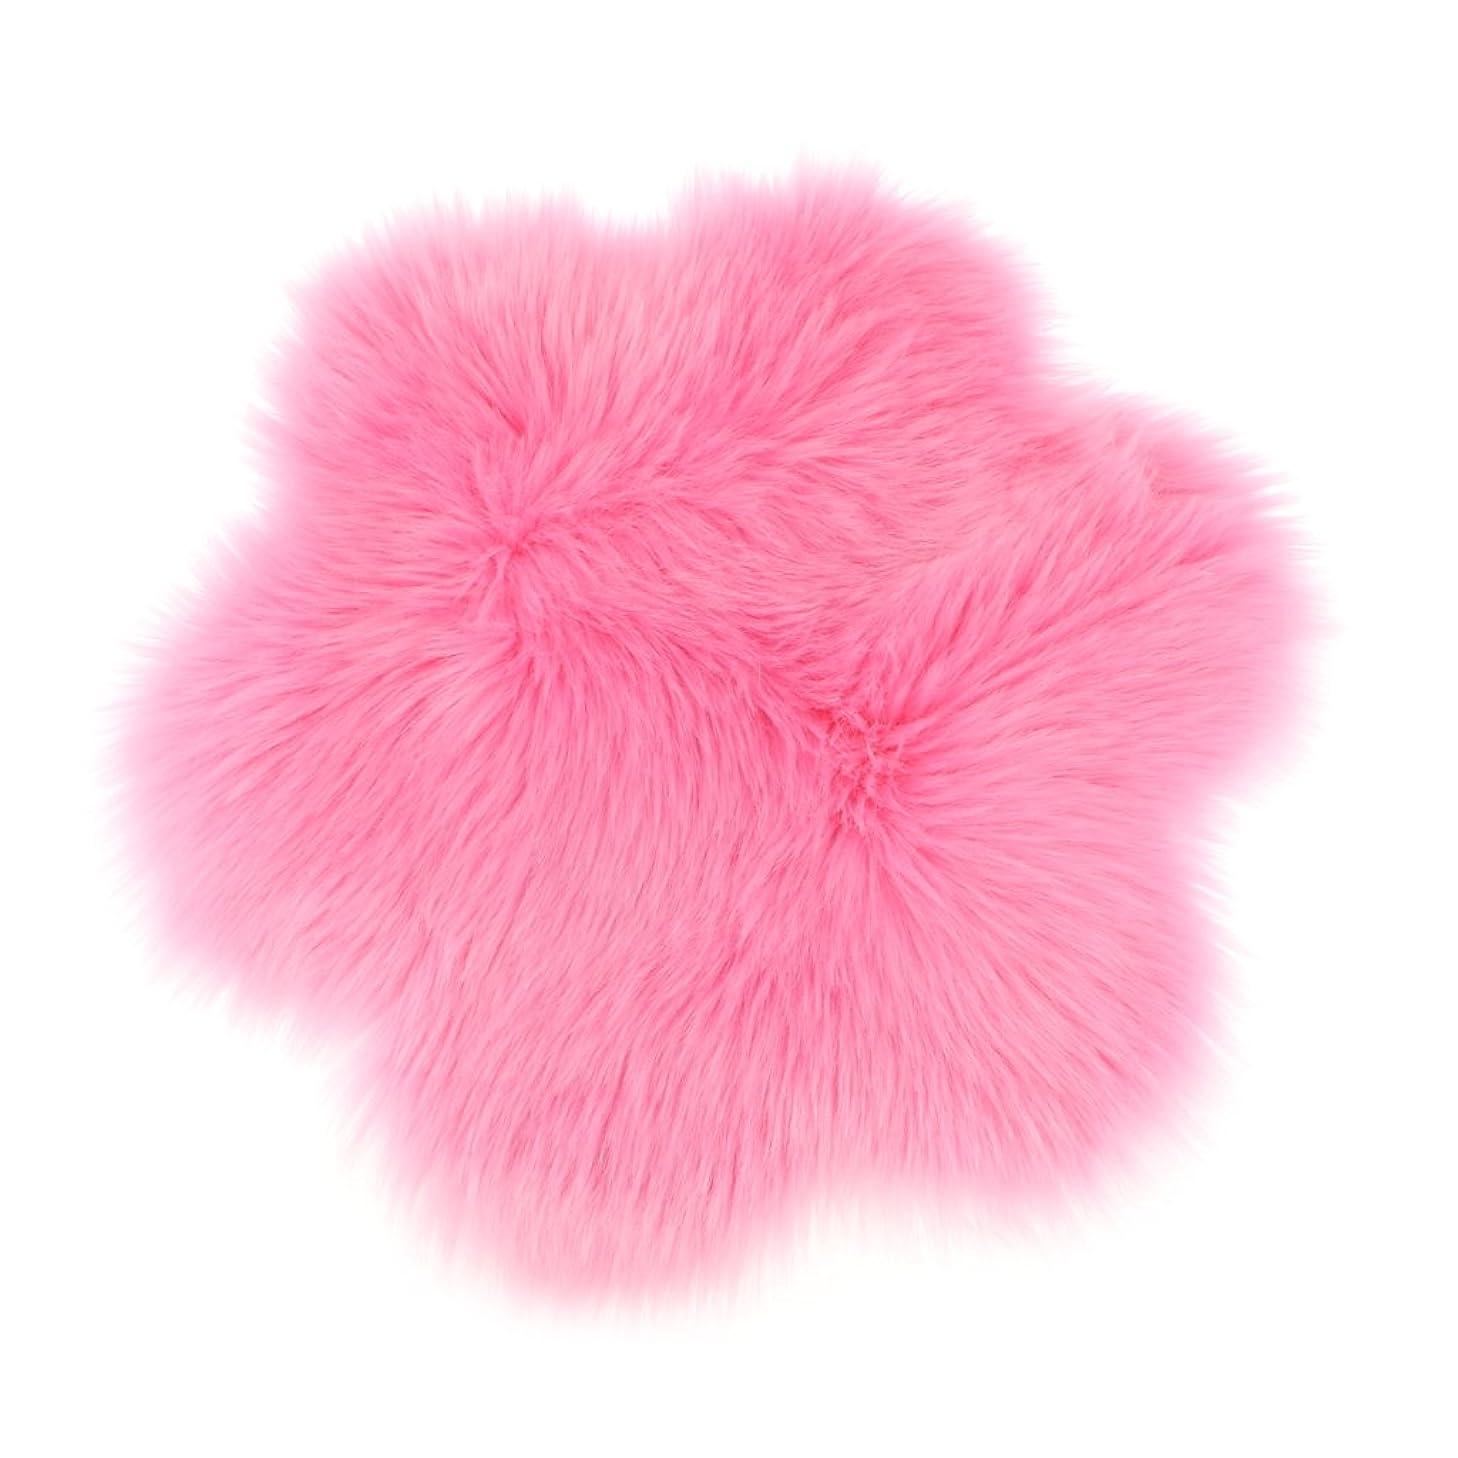 キャンパス必要条件尊敬するFLAMEER 人工シープスキンシャグ敷物カーペット毛皮のようなヨガクッション瞑想マット45×45センチ - ピンク